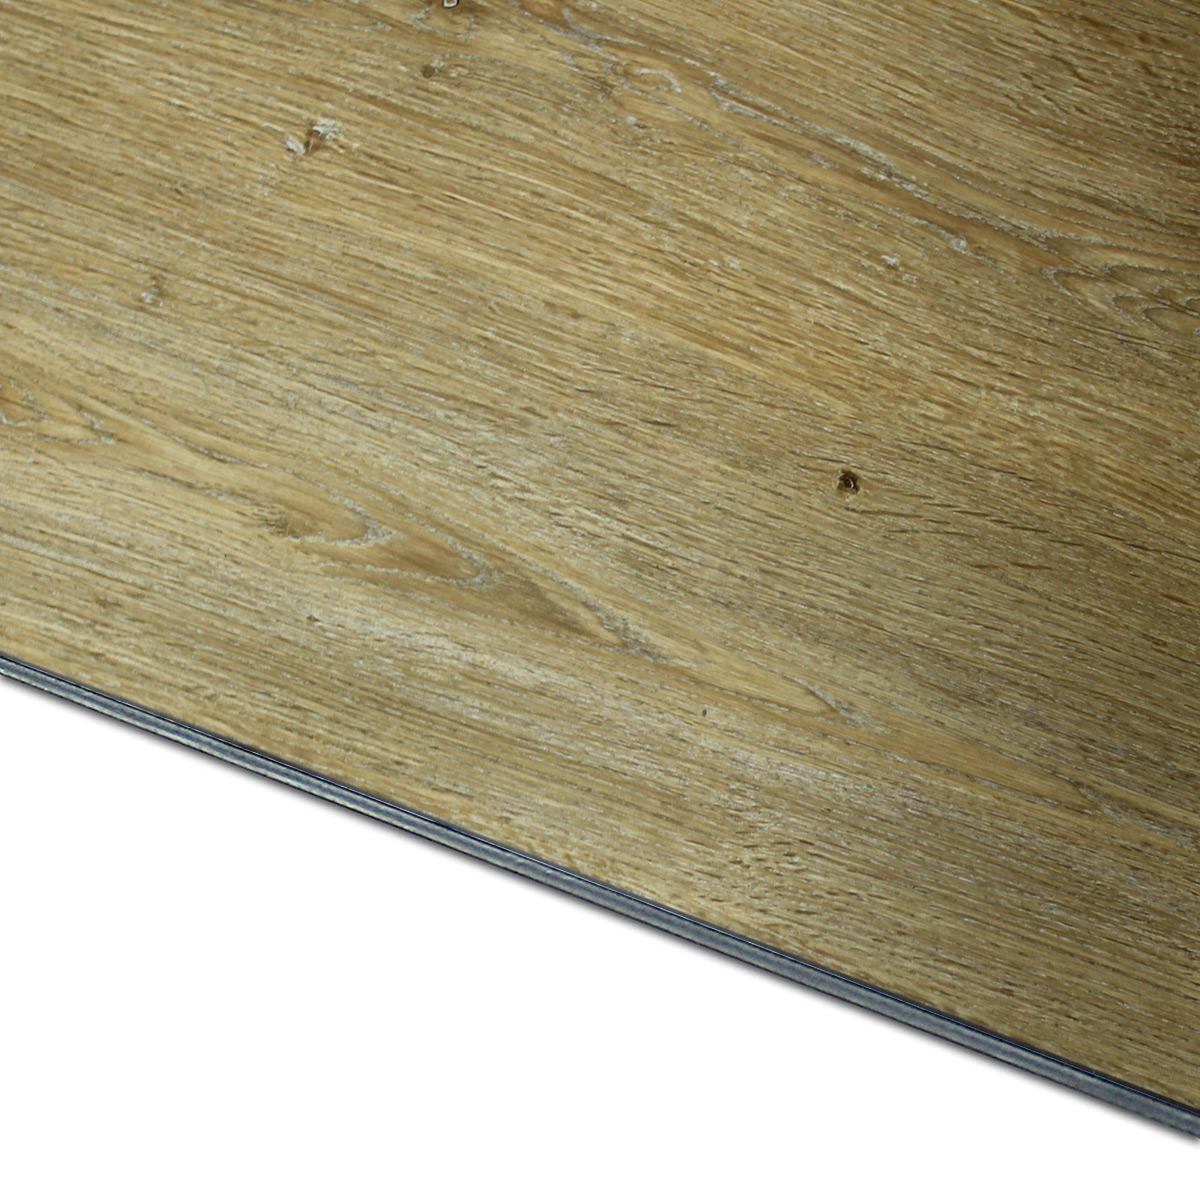 neuholz 2 4 m click vinyl laminate vinyl flooring oak flooring limed ebay. Black Bedroom Furniture Sets. Home Design Ideas